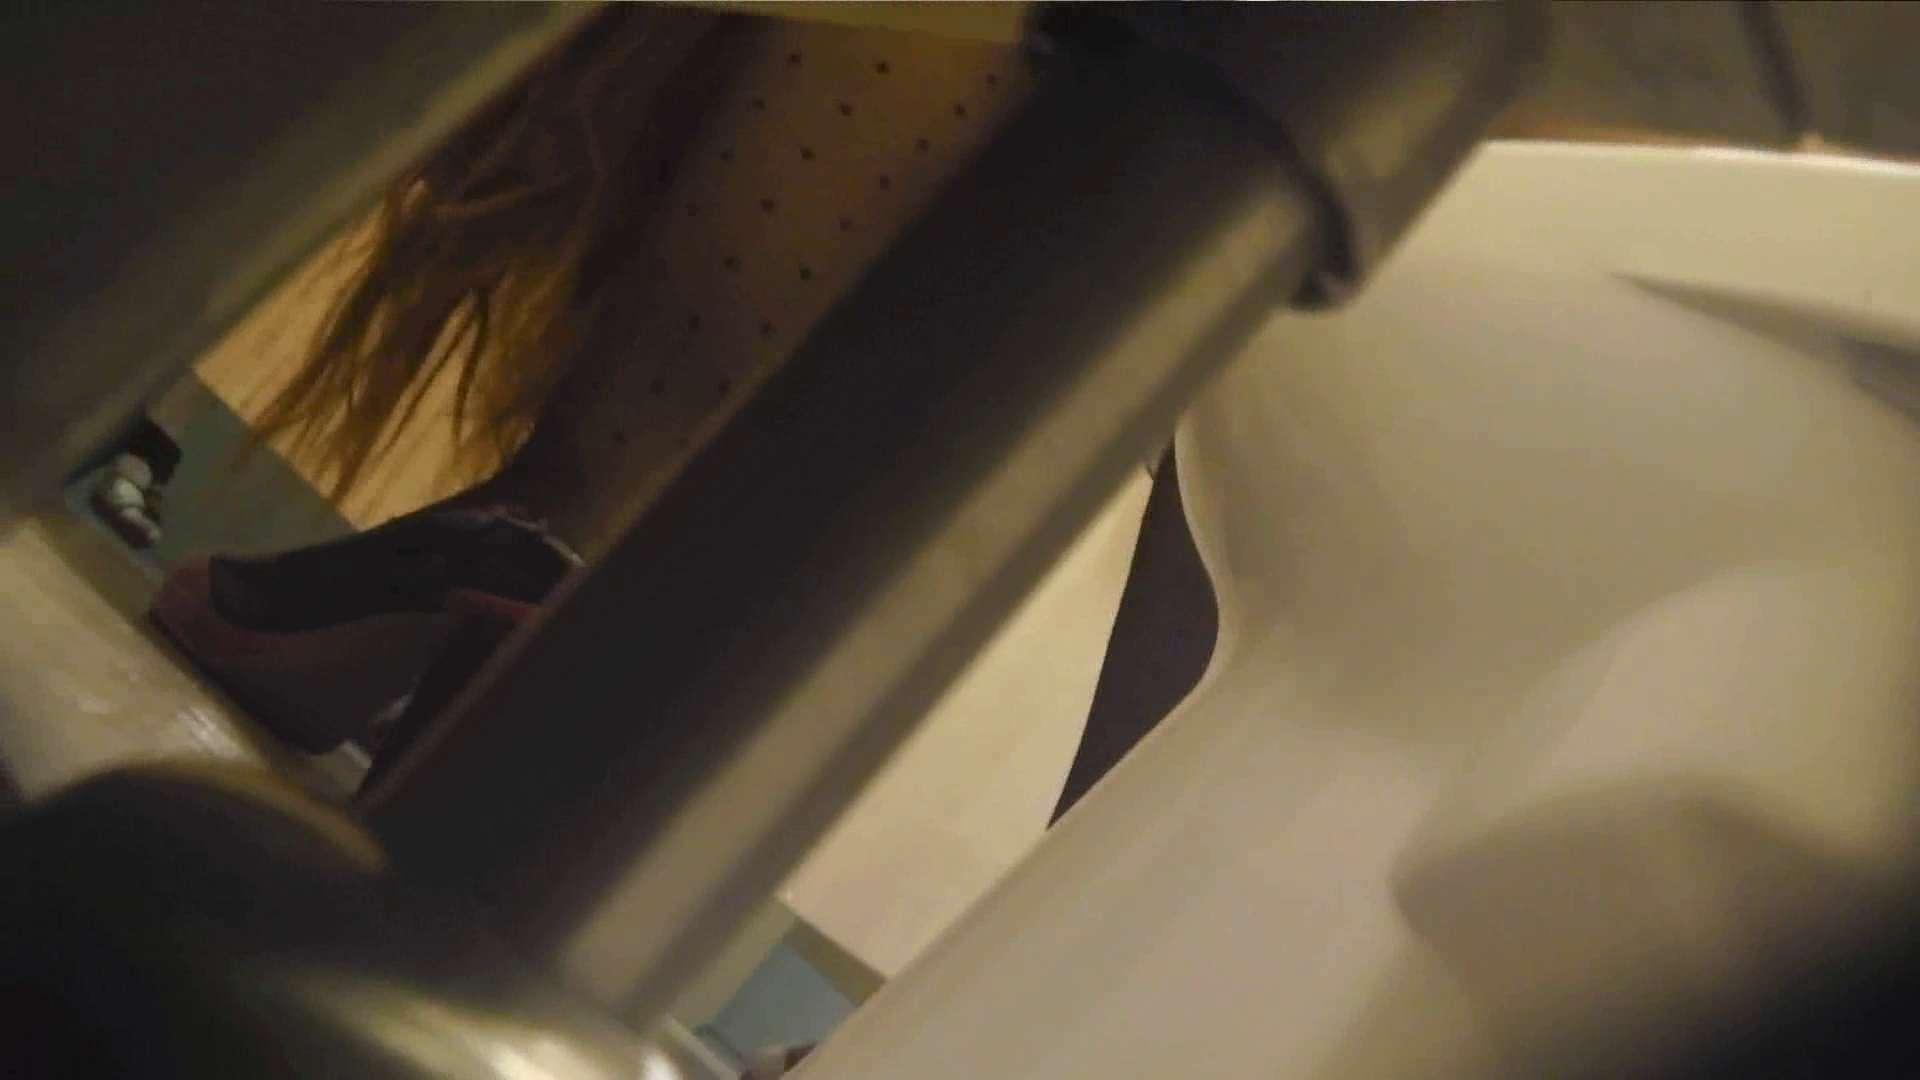 巨乳おまんこ:阿国ちゃんの「和式洋式七変化」No.18 iBO(フタコブ):怪盗ジョーカー